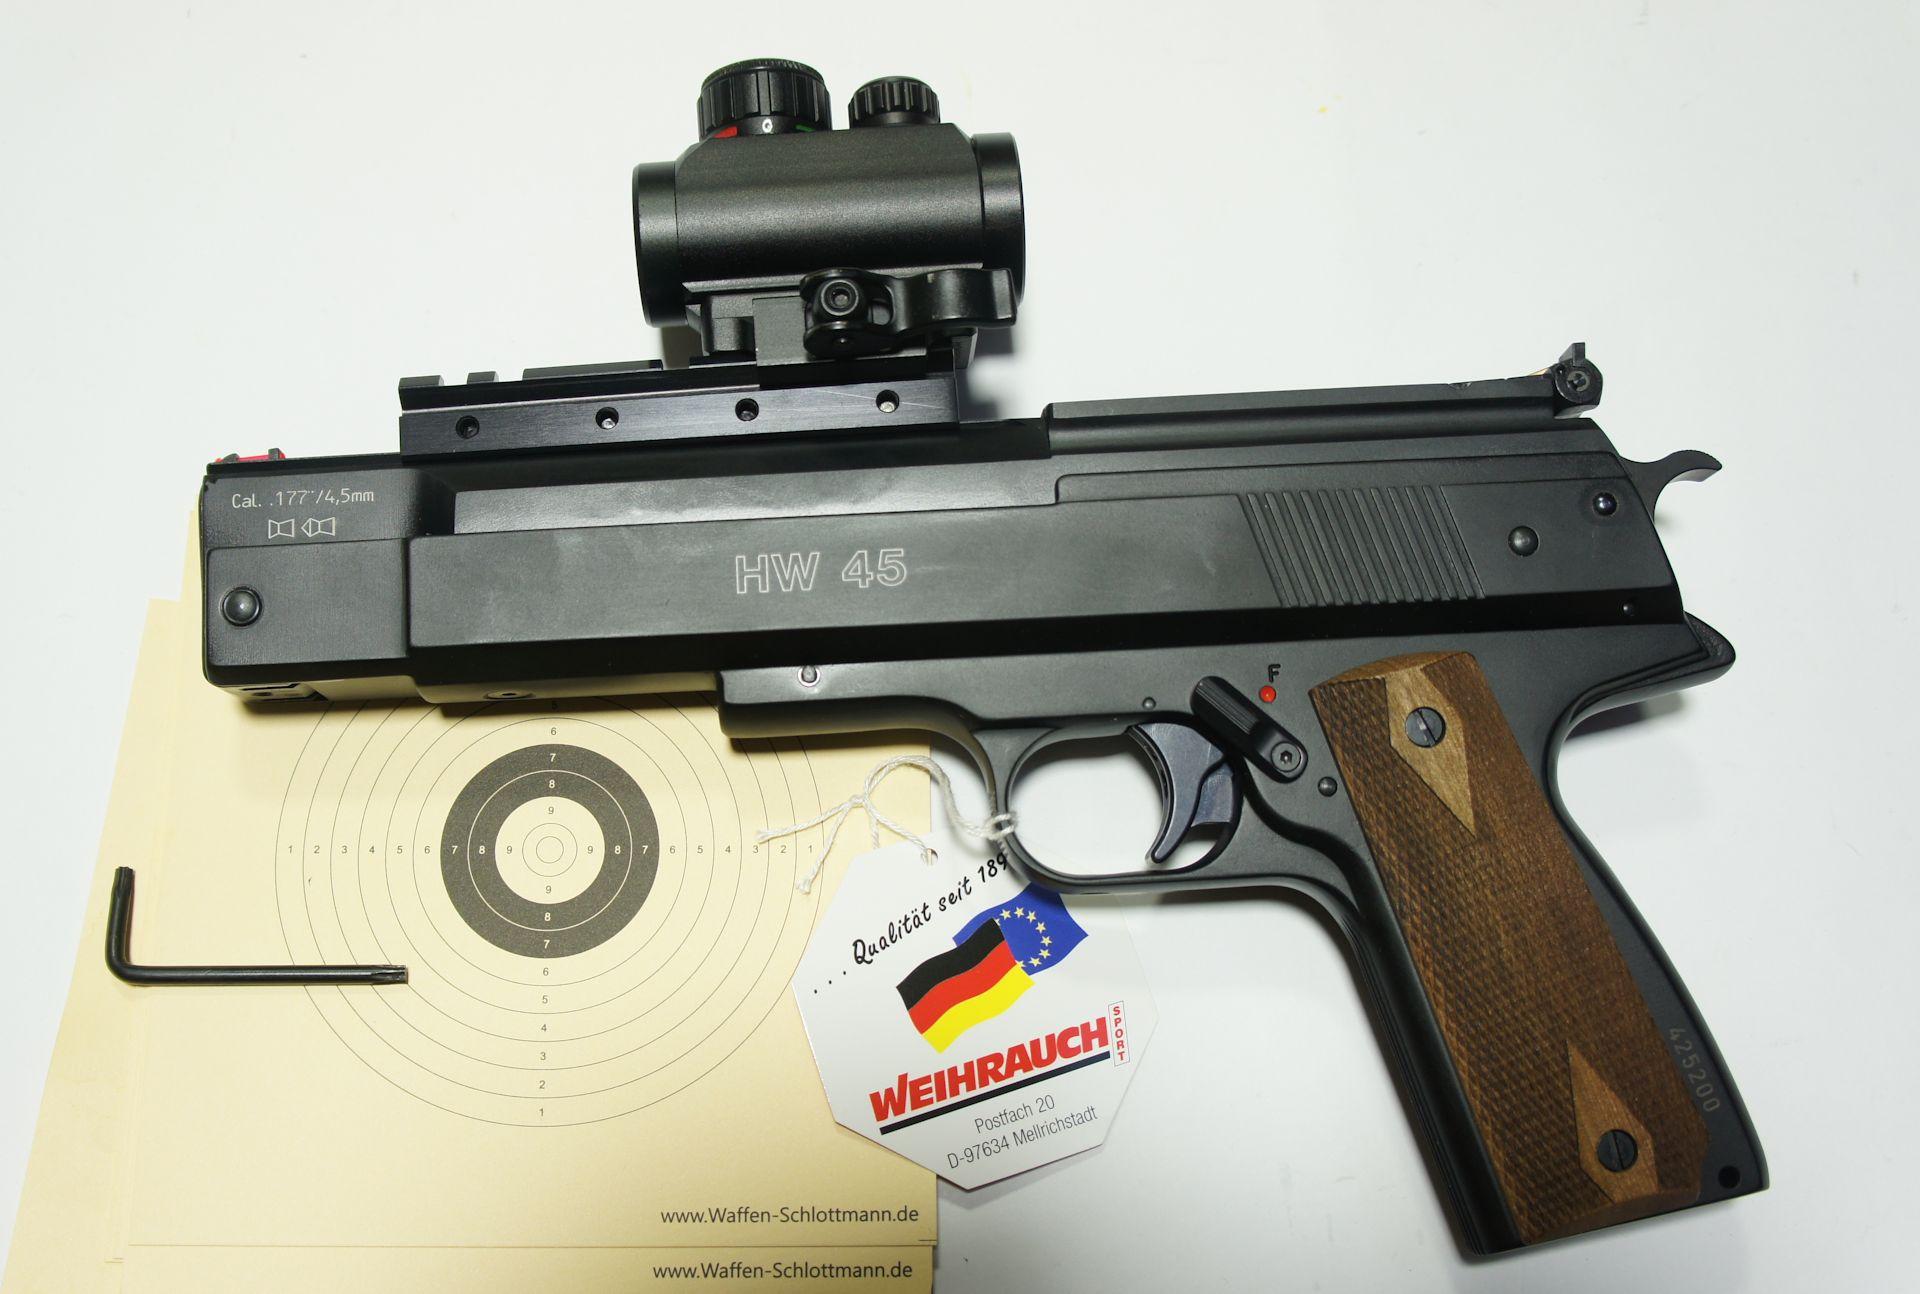 Montagebeispiel an der Luftpistole HW 45 / Die Linsen sind durch Gummikappen geschützt. Solche Geschosse der Marke Mittels der Schnellspannmontage ist dieses kleine, kompakte Visier eine optimale Ergänzung auf vielen Waffen. Solche Geschosse der Marke H&N würde ich zu dieser Pistole empfelen.